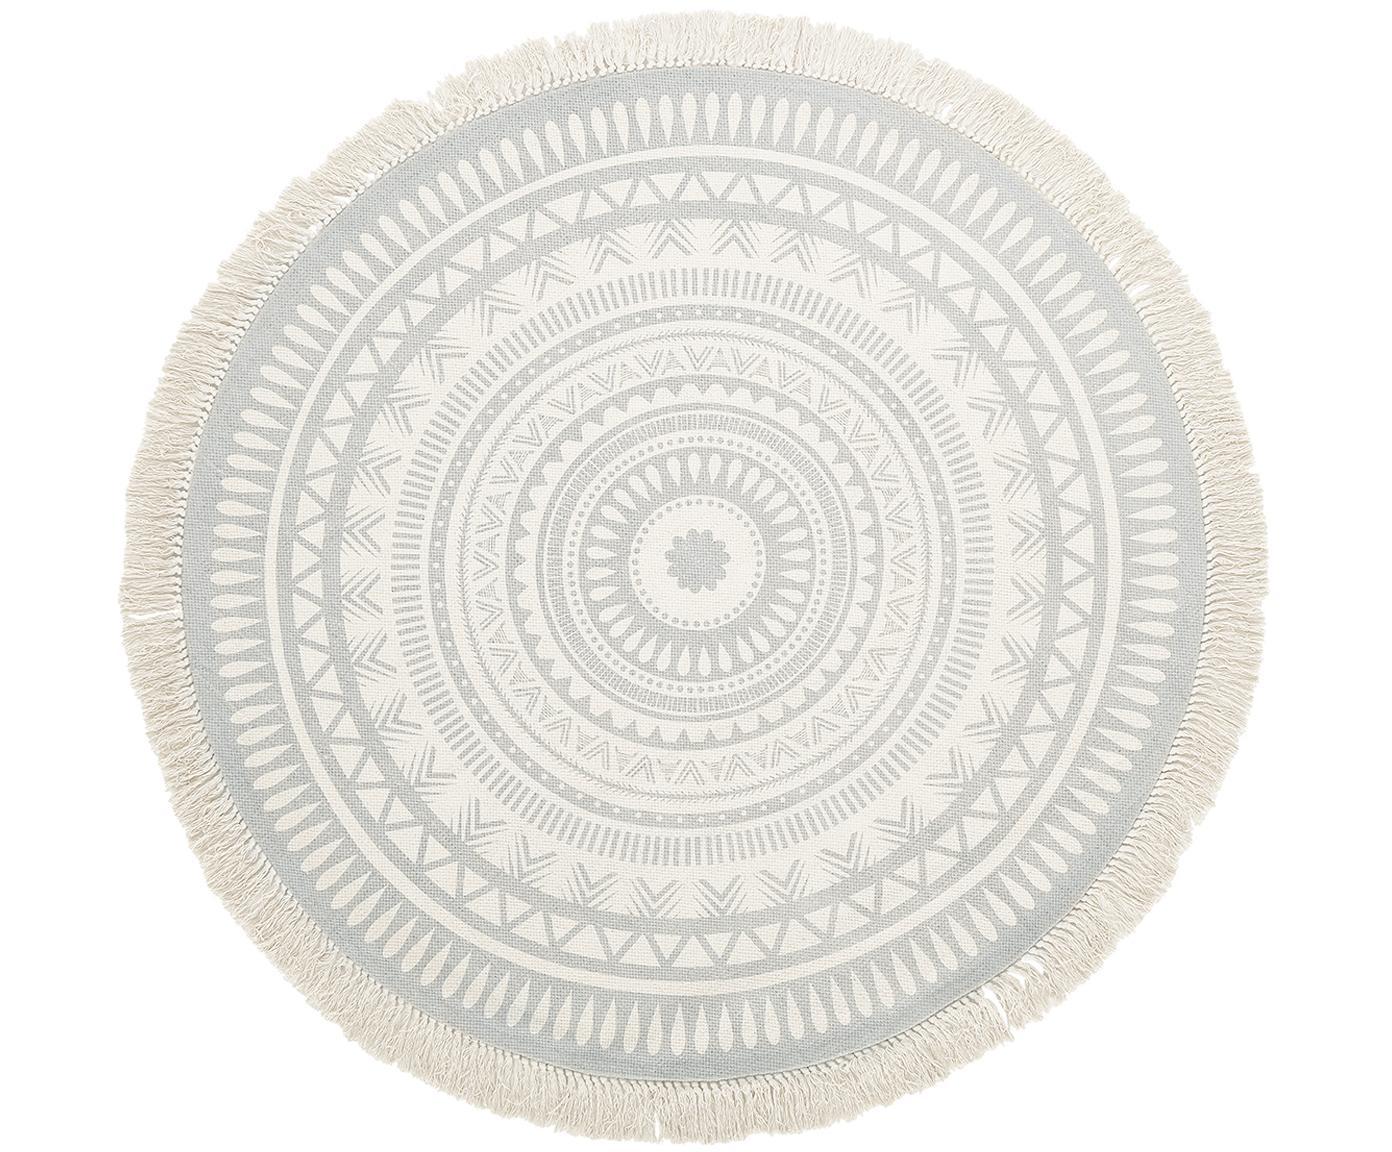 Runder Teppich Benji mit Fransen, flachgewebt, Hellgrau, Beige, Ø 150 cm (Größe M)